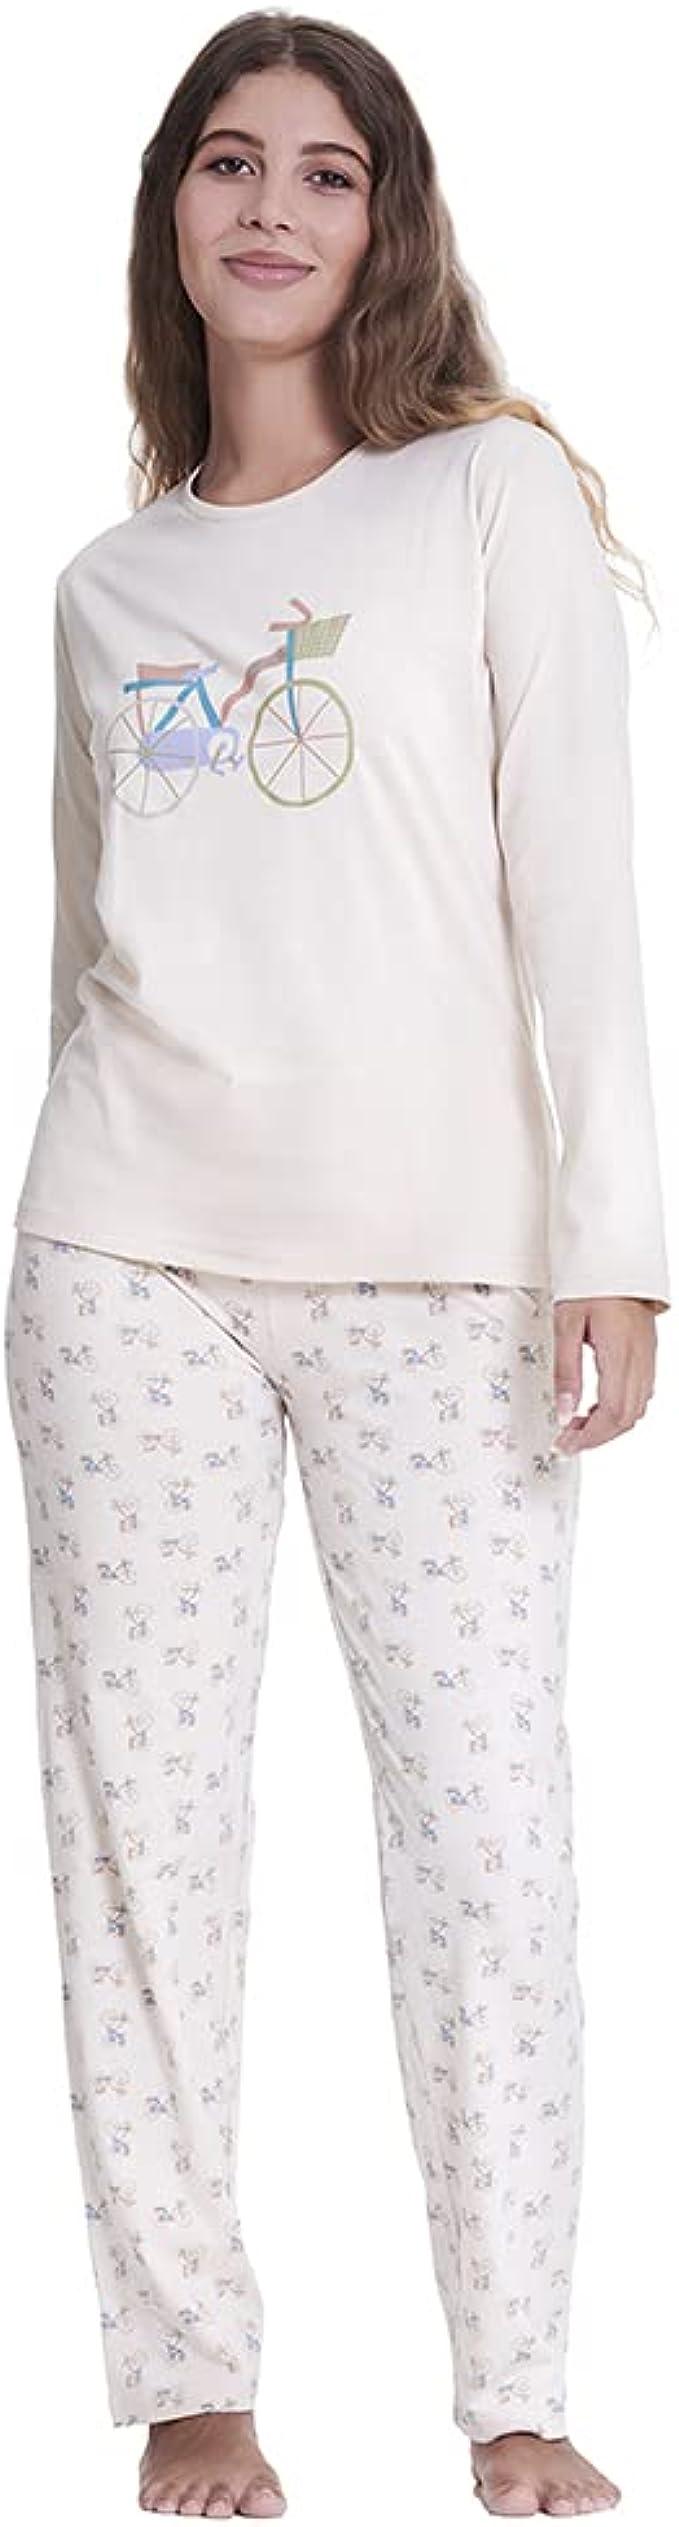 171 opinioni per PimpamTex- Pigiama da donna e ragazza in cotone, set con pigiama invernale e